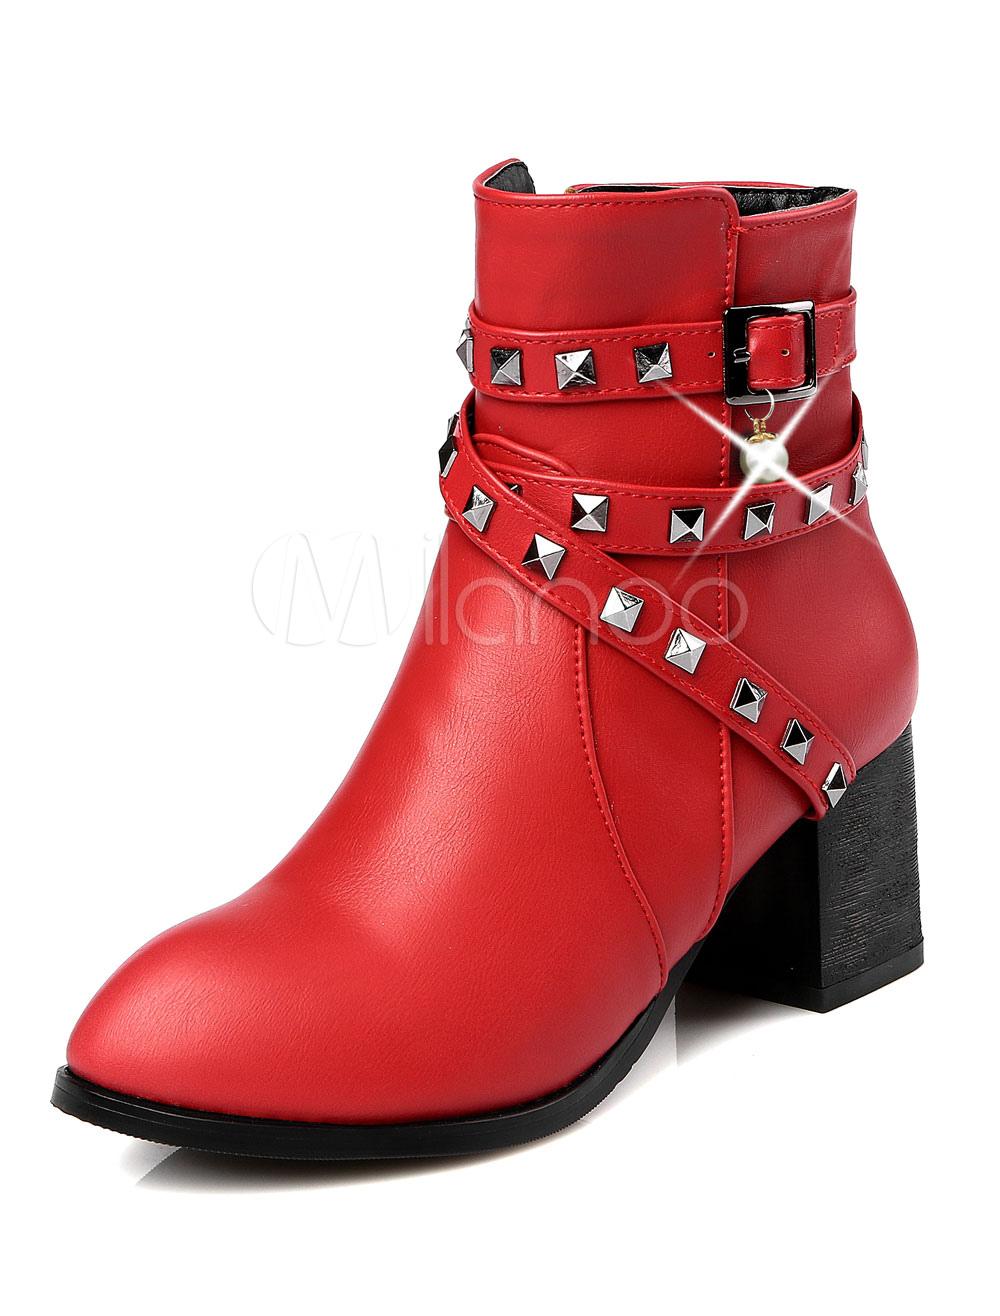 Buy Red Ankle Boots Women Biker Booties Round Toe Rivets Mid Heel Booties for $44.99 in Milanoo store